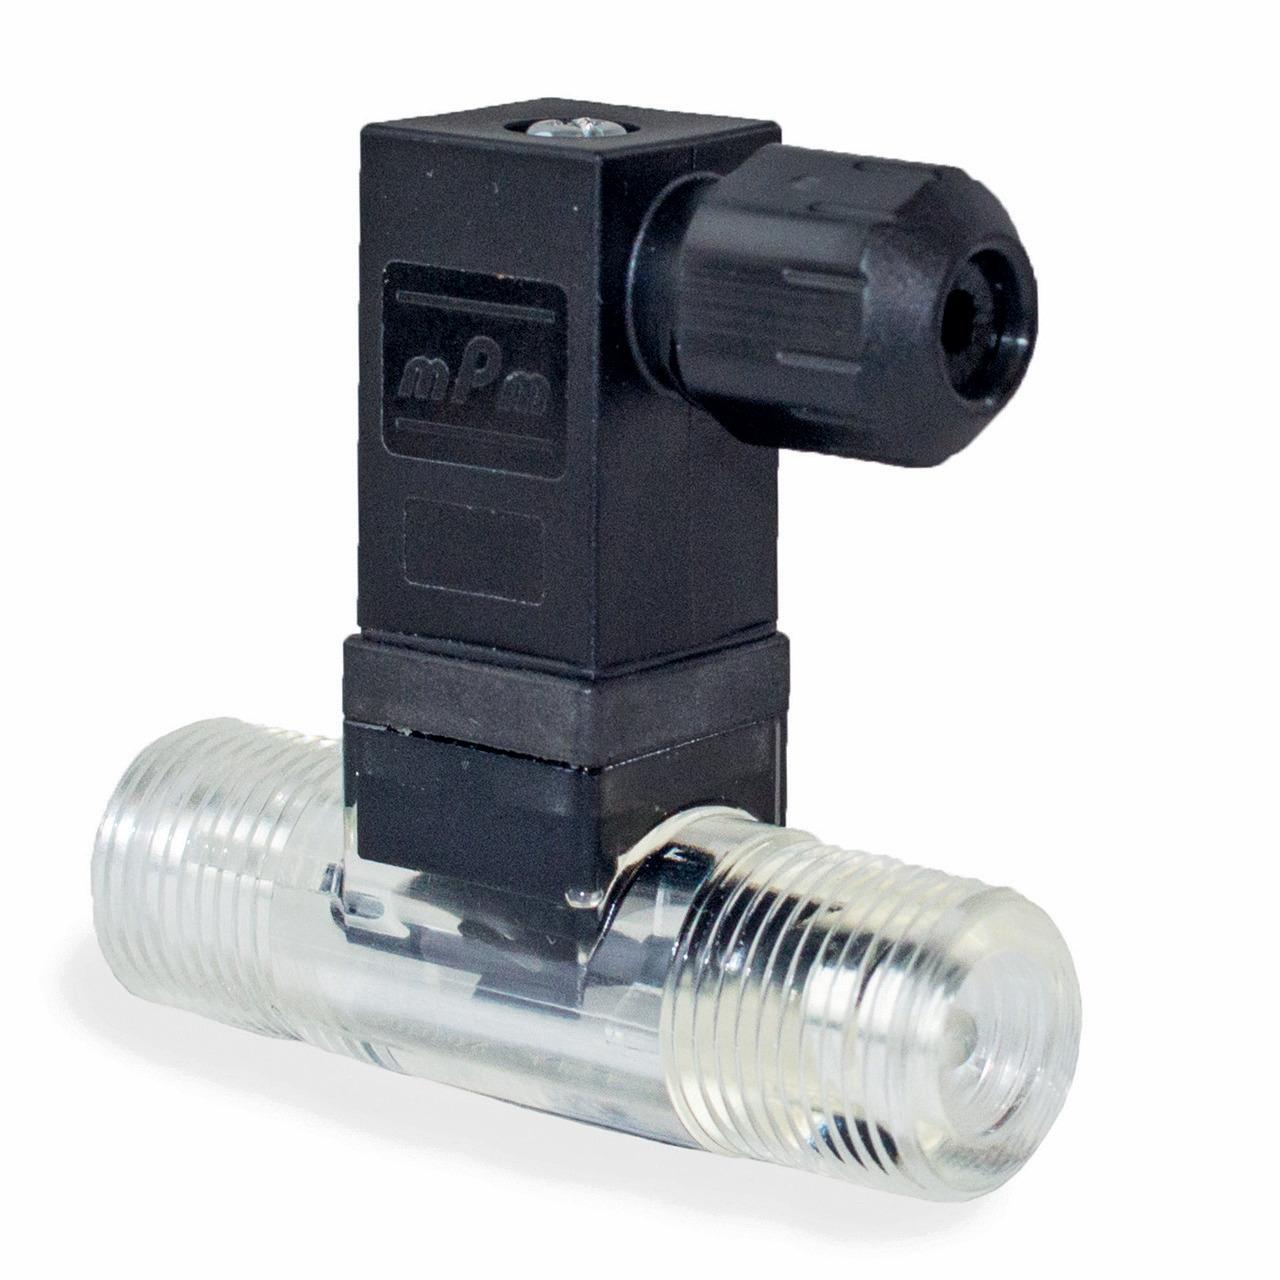 Badger Meter Europa Durchflussmesser (Turbinenzähler) Vision 2008 4F22 für 1 bis 25 l-min- mit DIN Stecker- G3-8